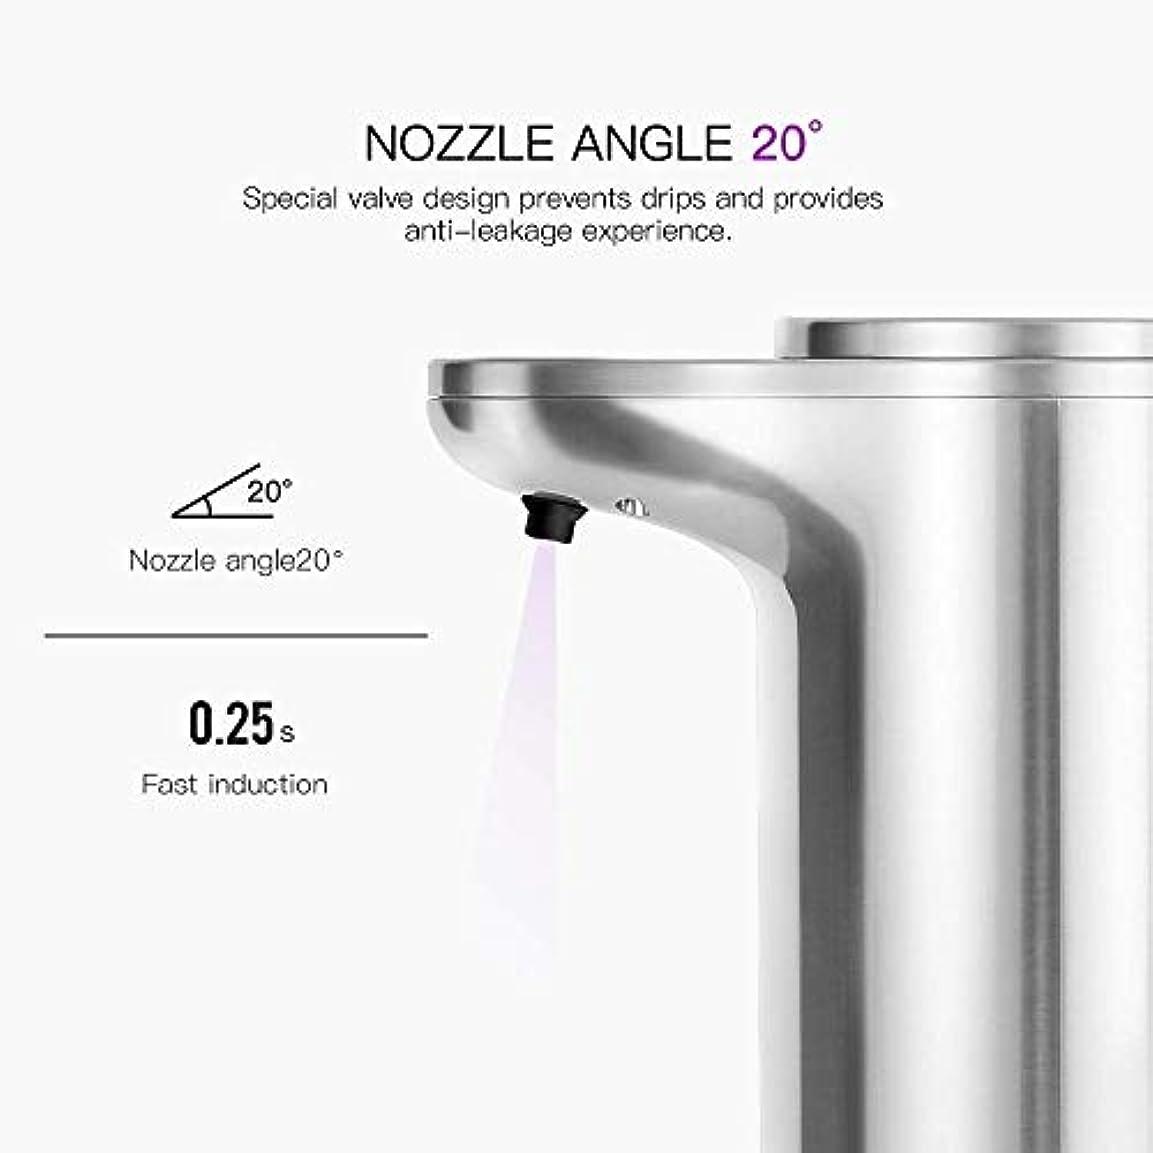 実行説得信頼性のある280ミリリットル自動発泡せっけんディスペンサー赤外線センサータッチレスサニタイザー浴室調節可能なボリュームディスペンサー用キッチン